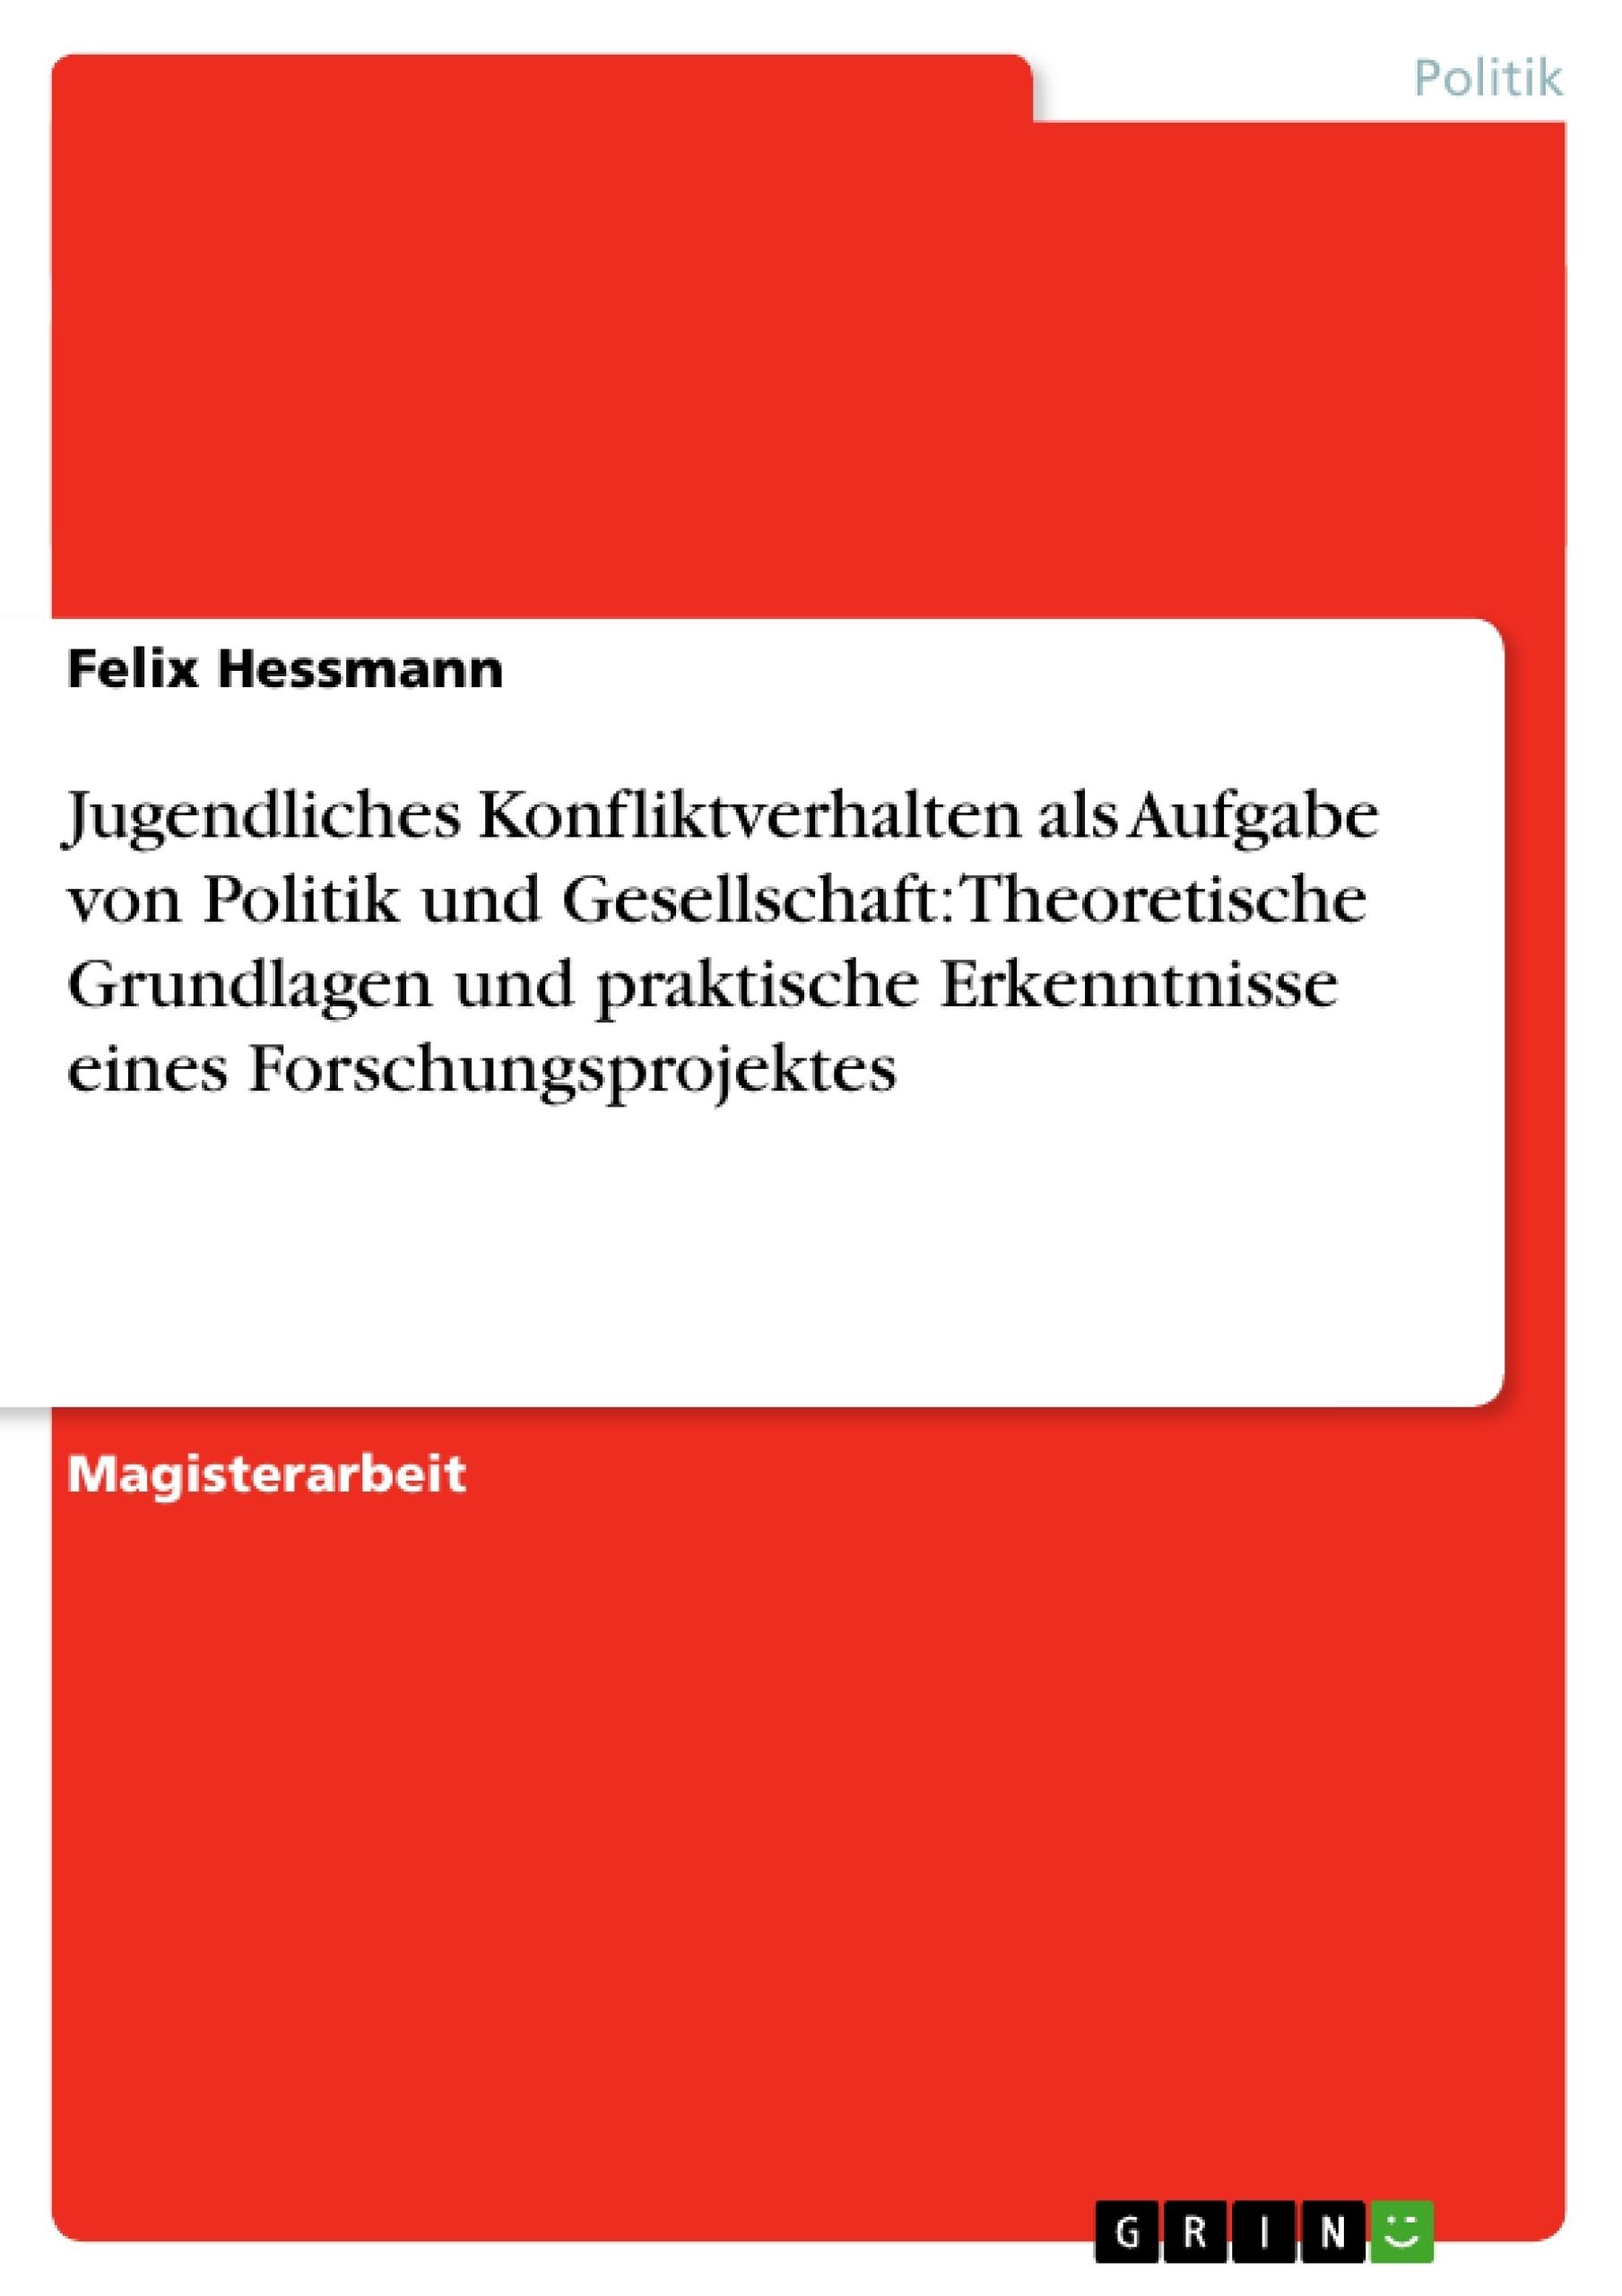 Titel: Jugendliches Konfliktverhalten als Aufgabe von Politik und Gesellschaft: Theoretische Grundlagen und praktische Erkenntnisse eines Forschungsprojektes